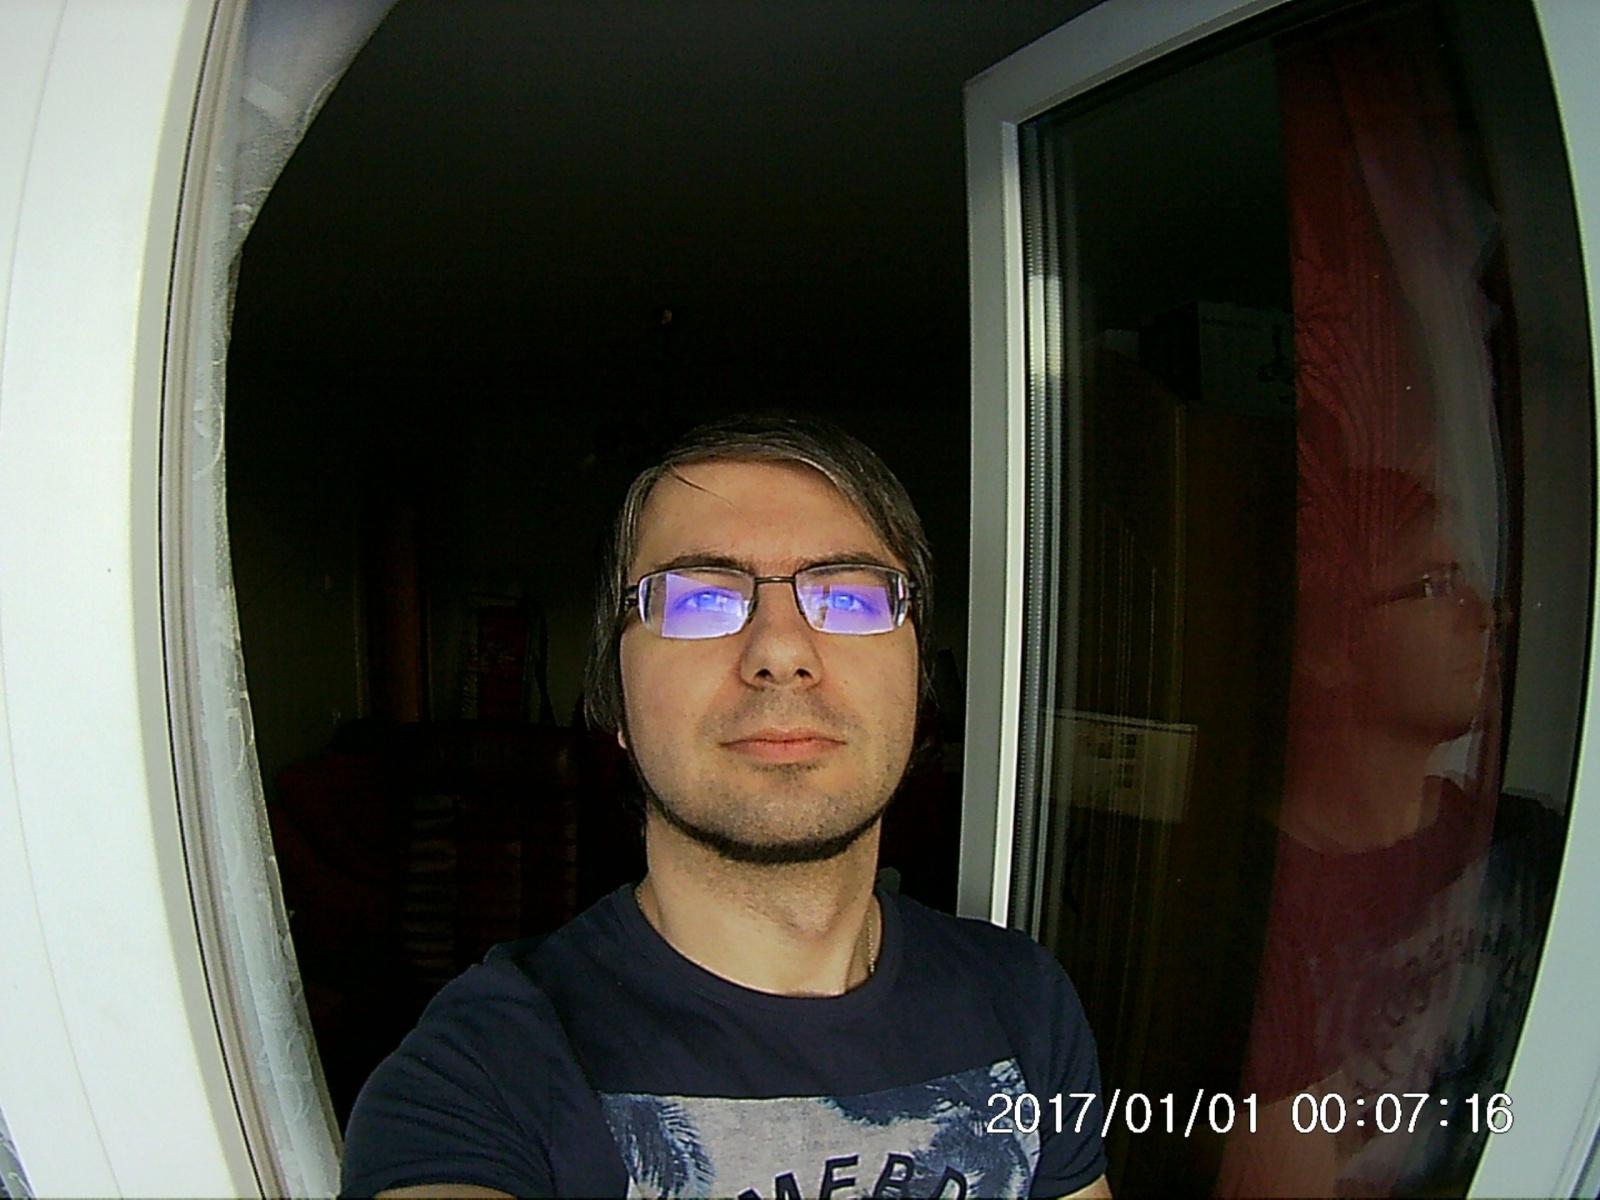 Обзор слишком дешевого русского регистратора AdvoCam-FD4 - 18